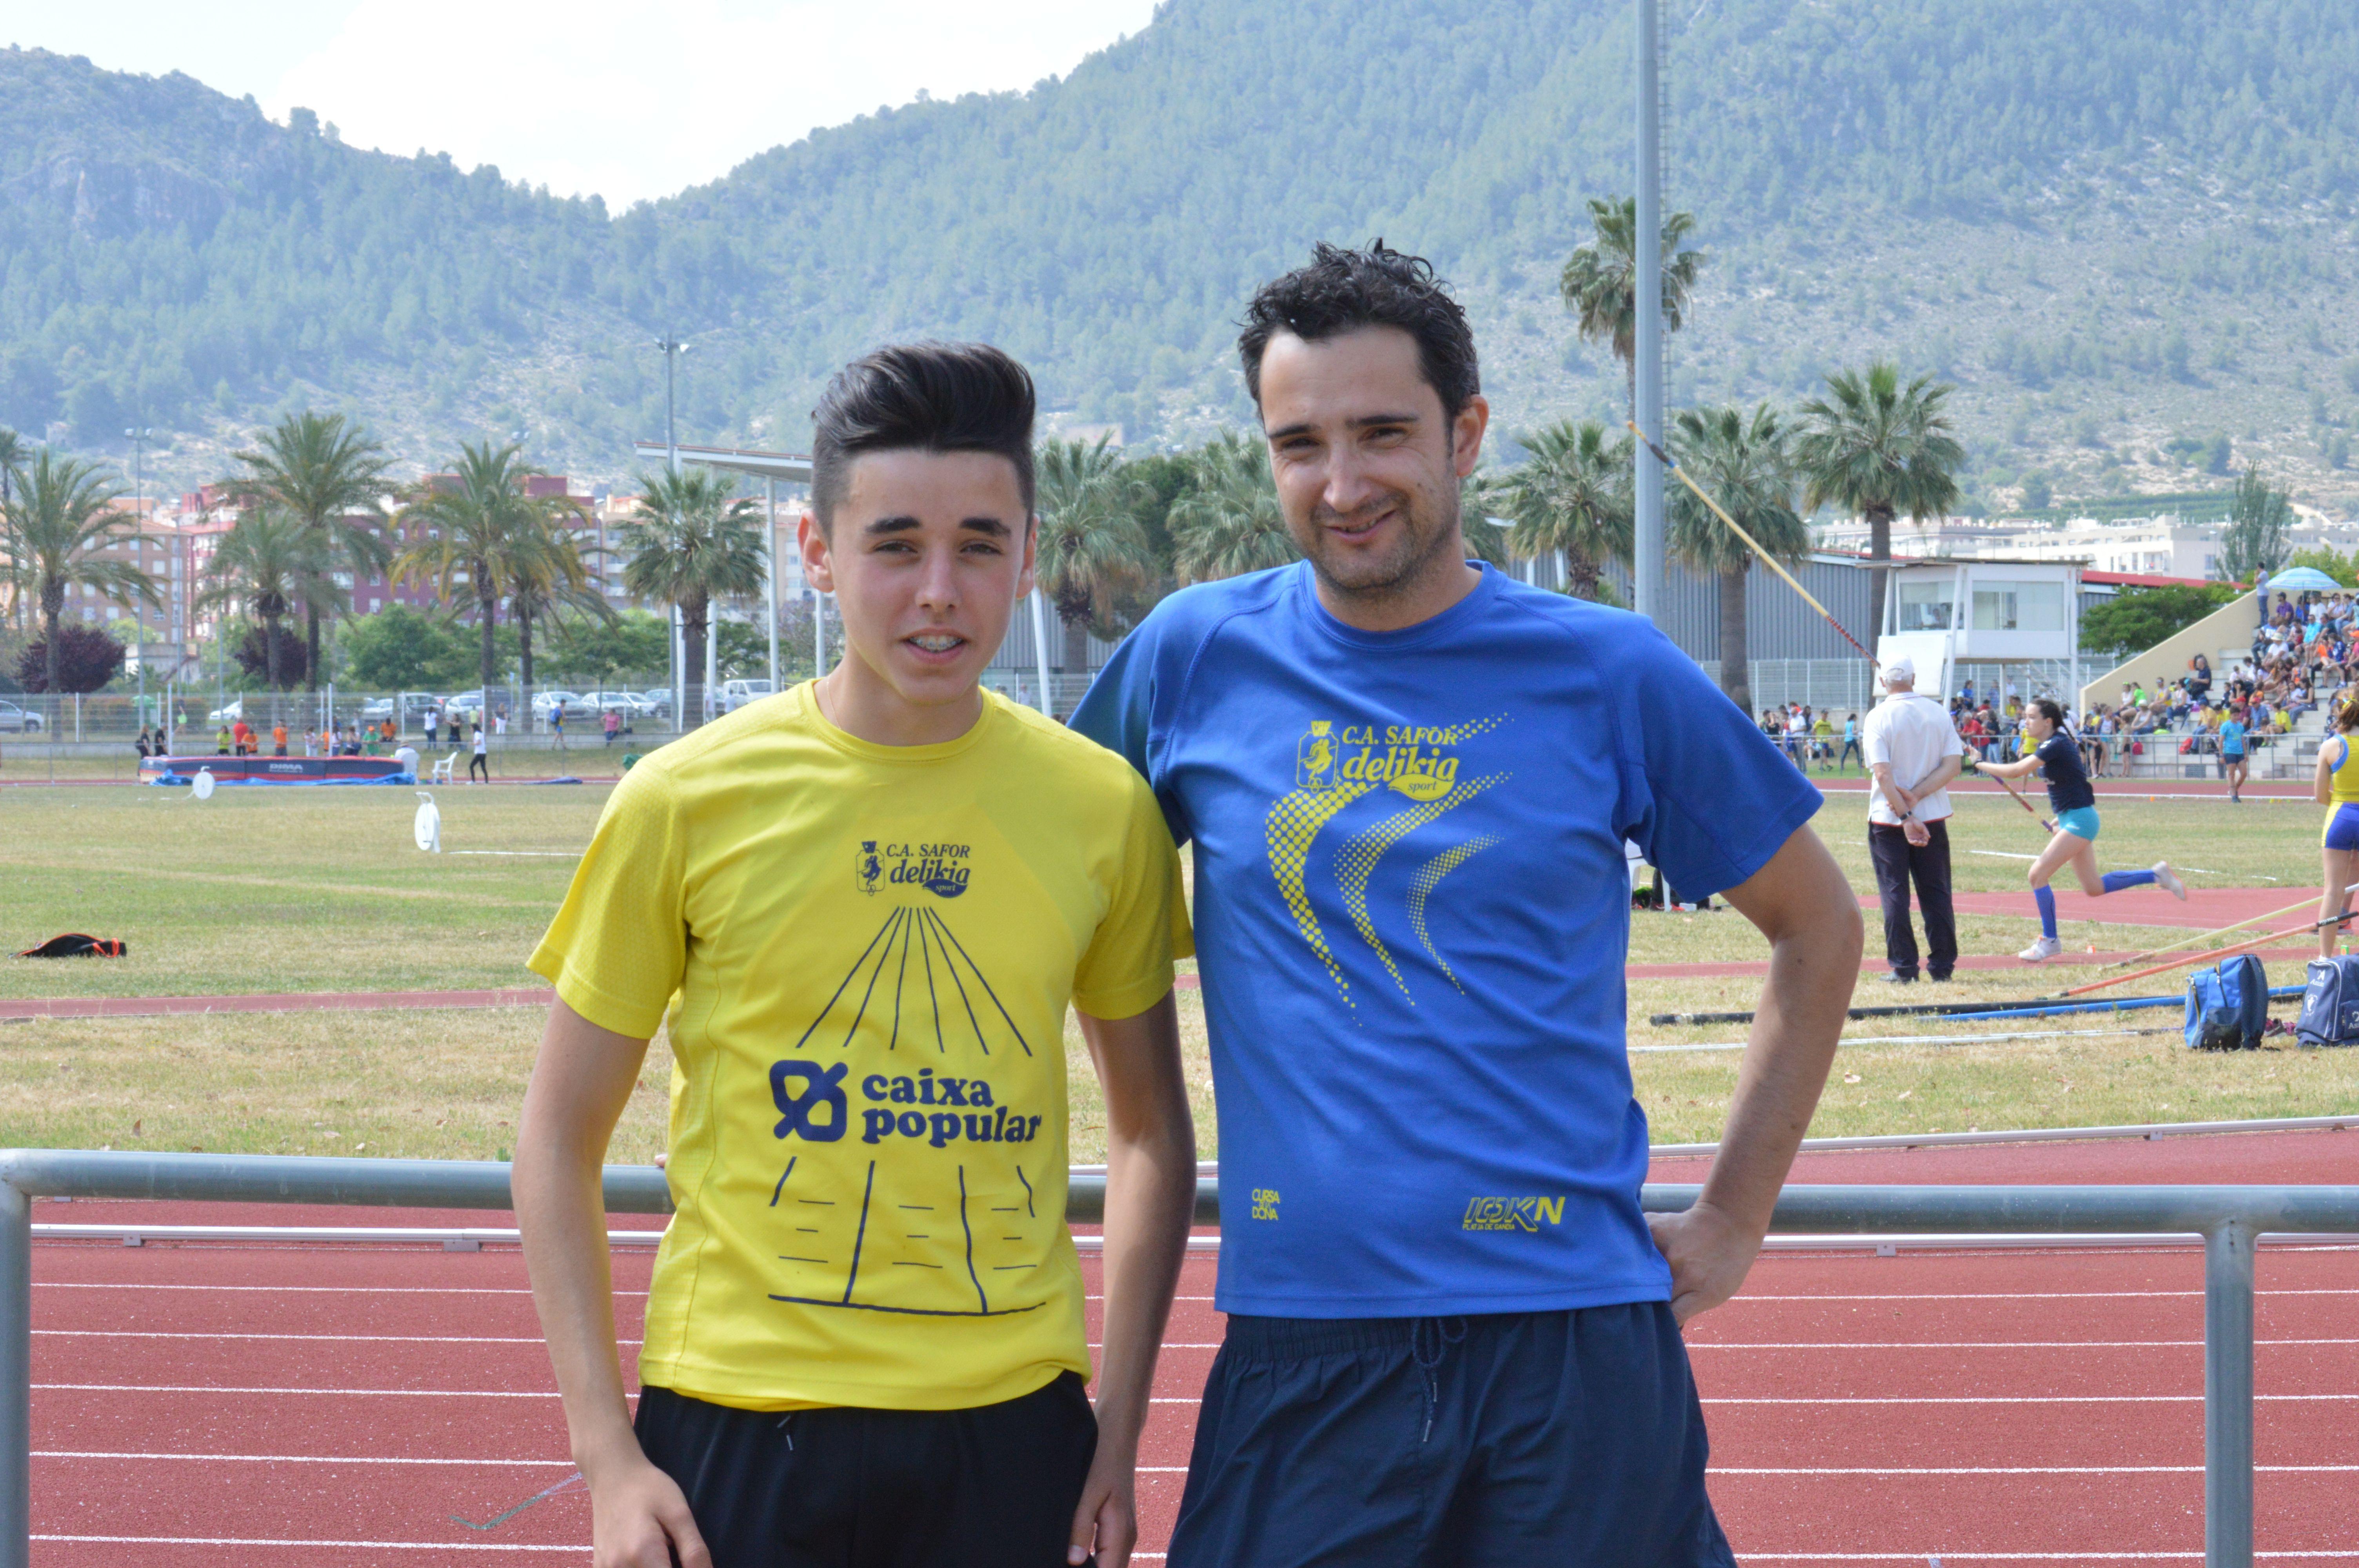 Daniel Ros en el salt amb perxa i amb el seu entrenador, Samuel Mascarell. / Fotos: Alejos Juan.